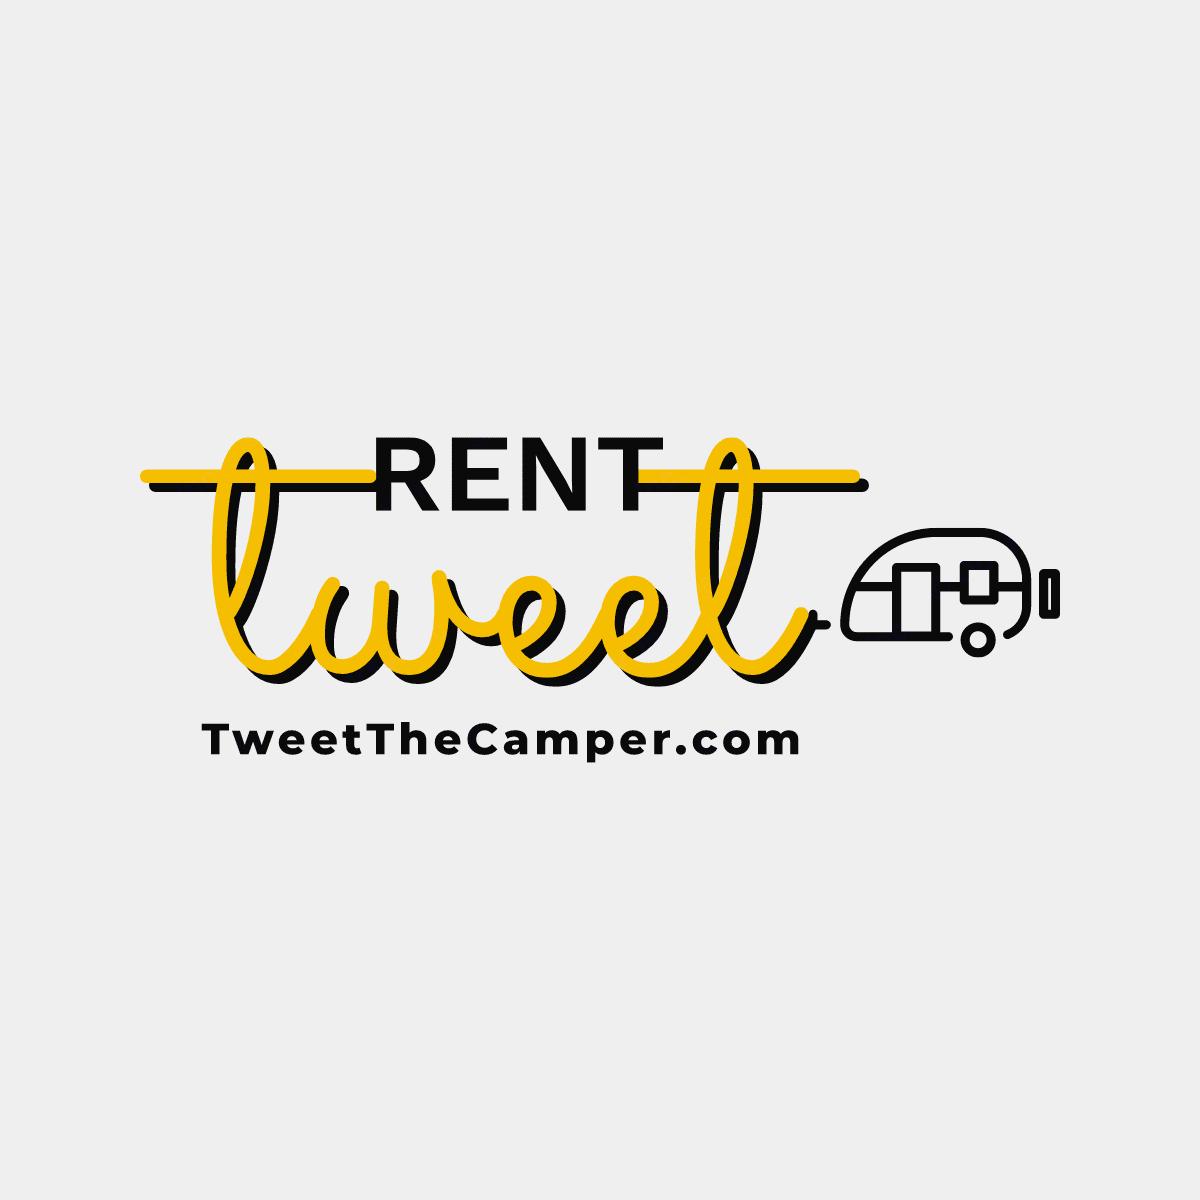 visit tweetthecamper.com for more detailed info. Little Guy Other 2016